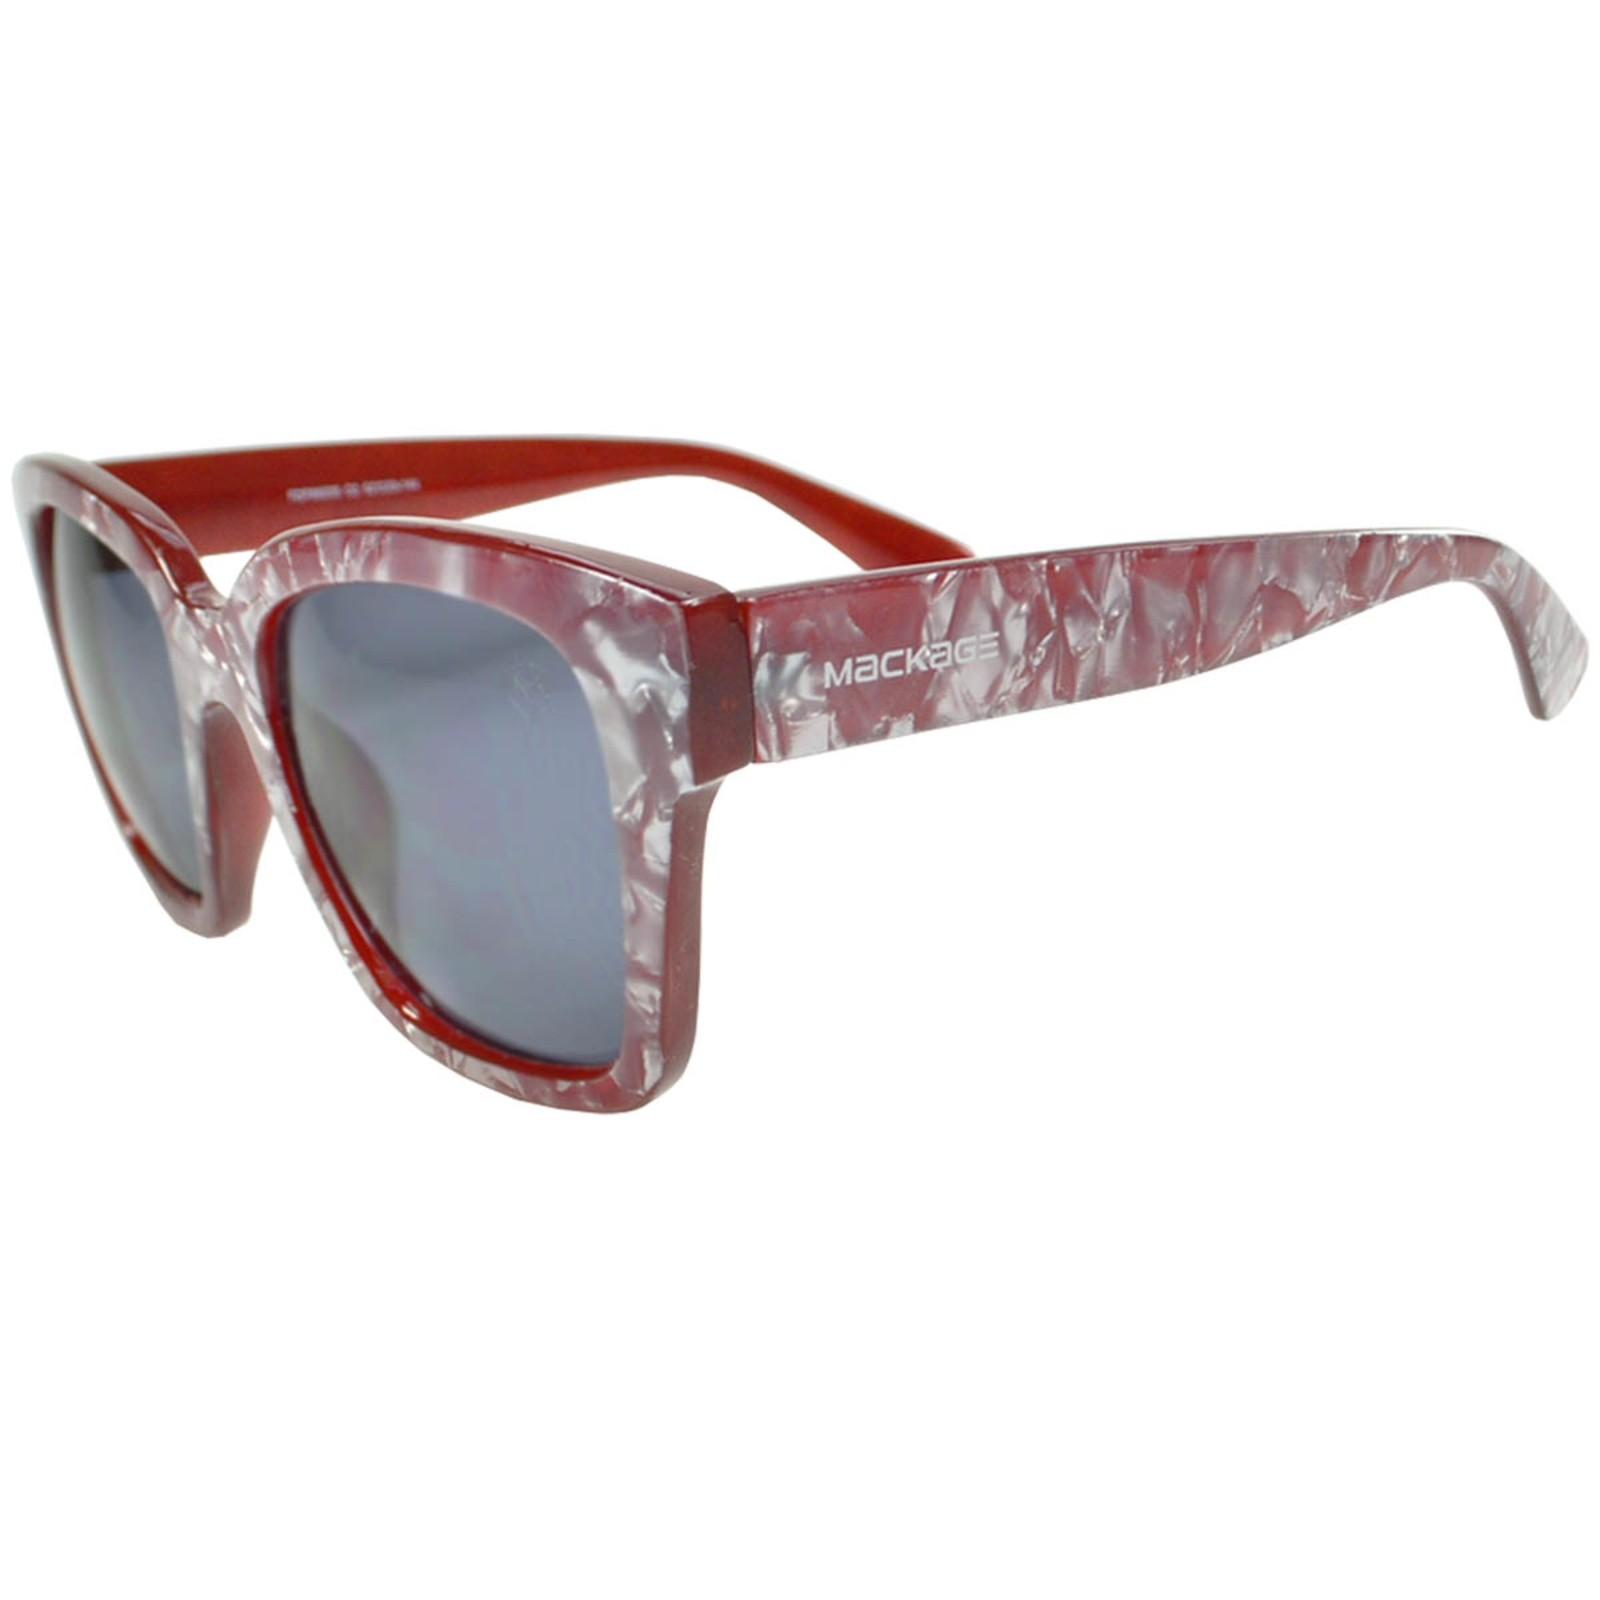 Óculos De Sol Mackage Feminino Acetato Oversize Gateado Retrô - Vermelho Marmorizado